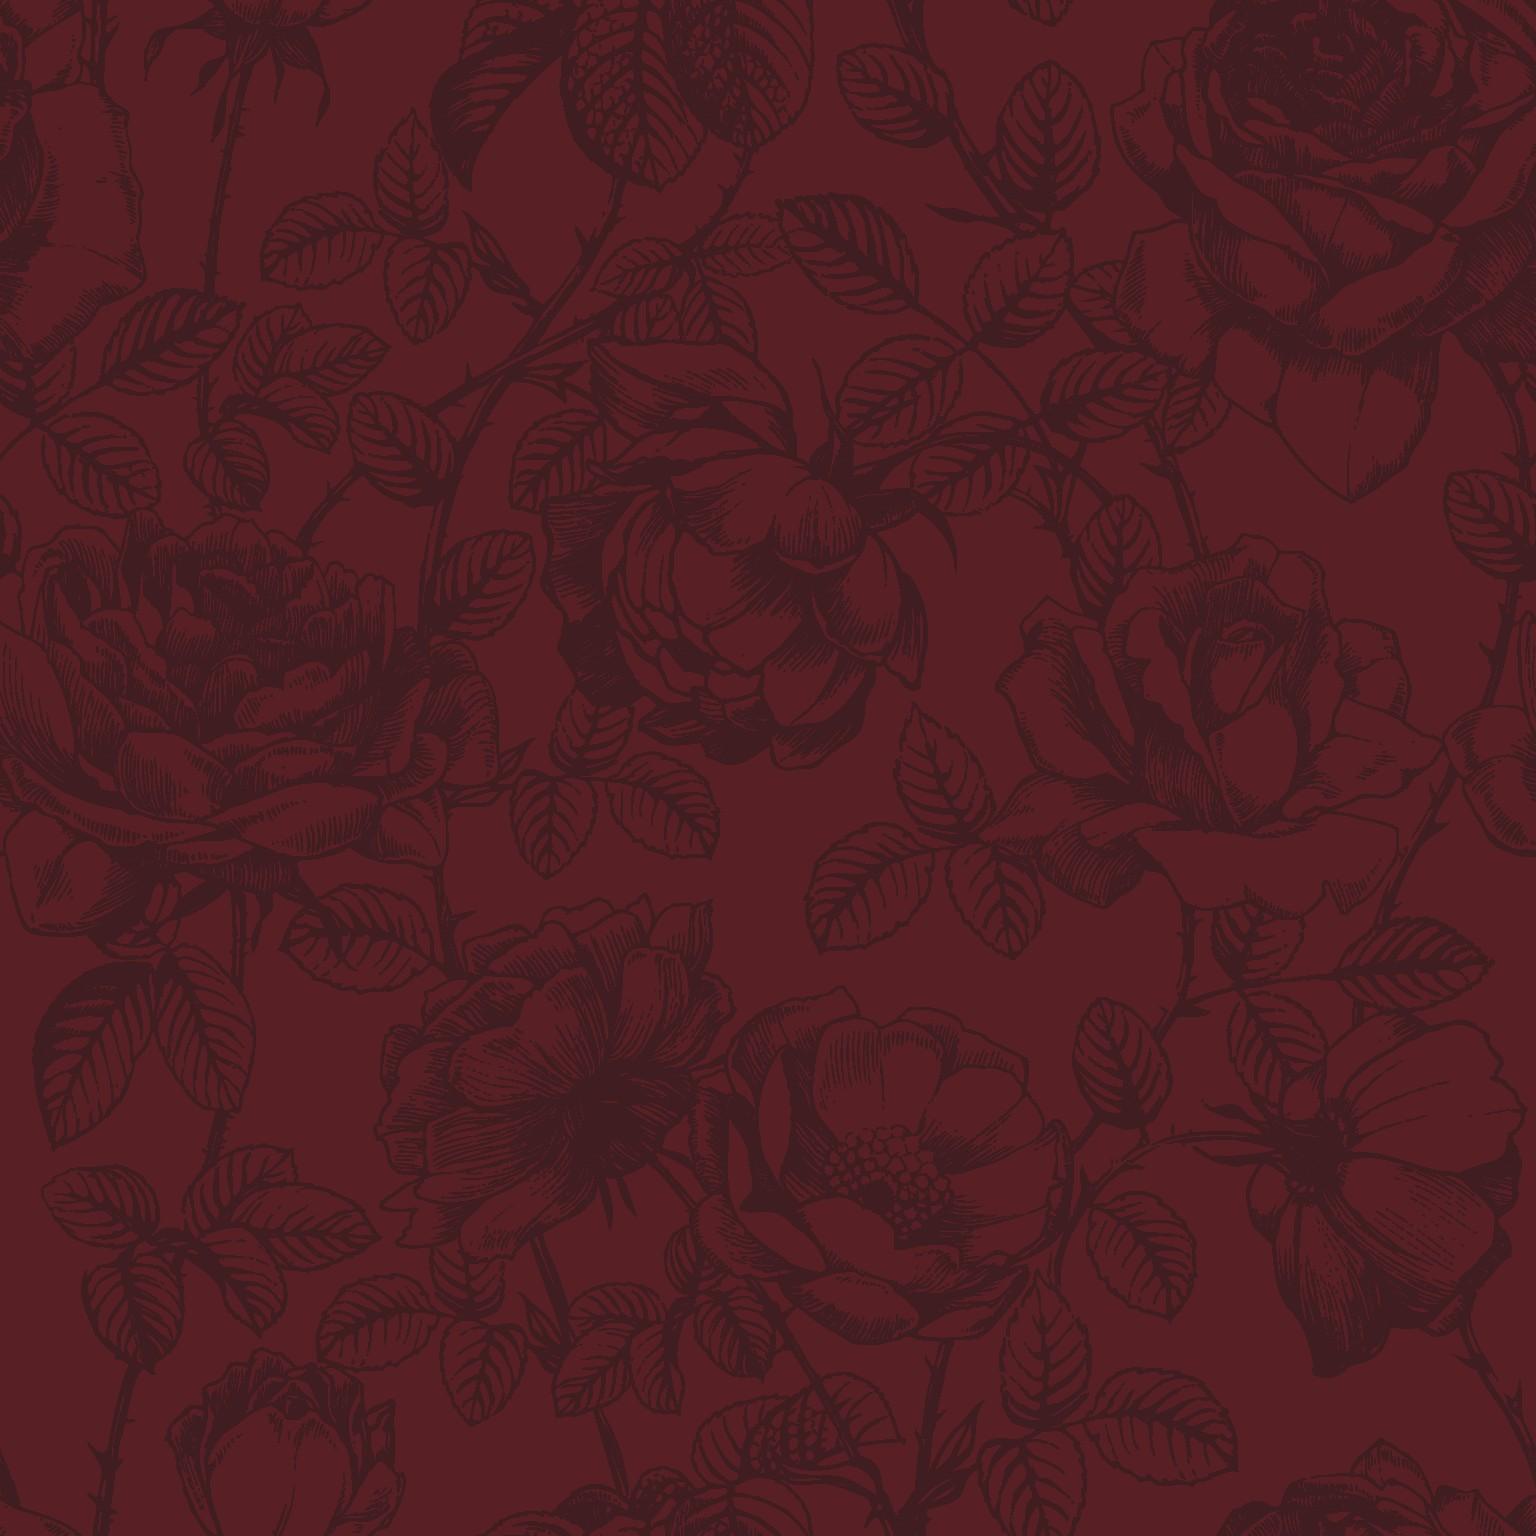 rose etching  red